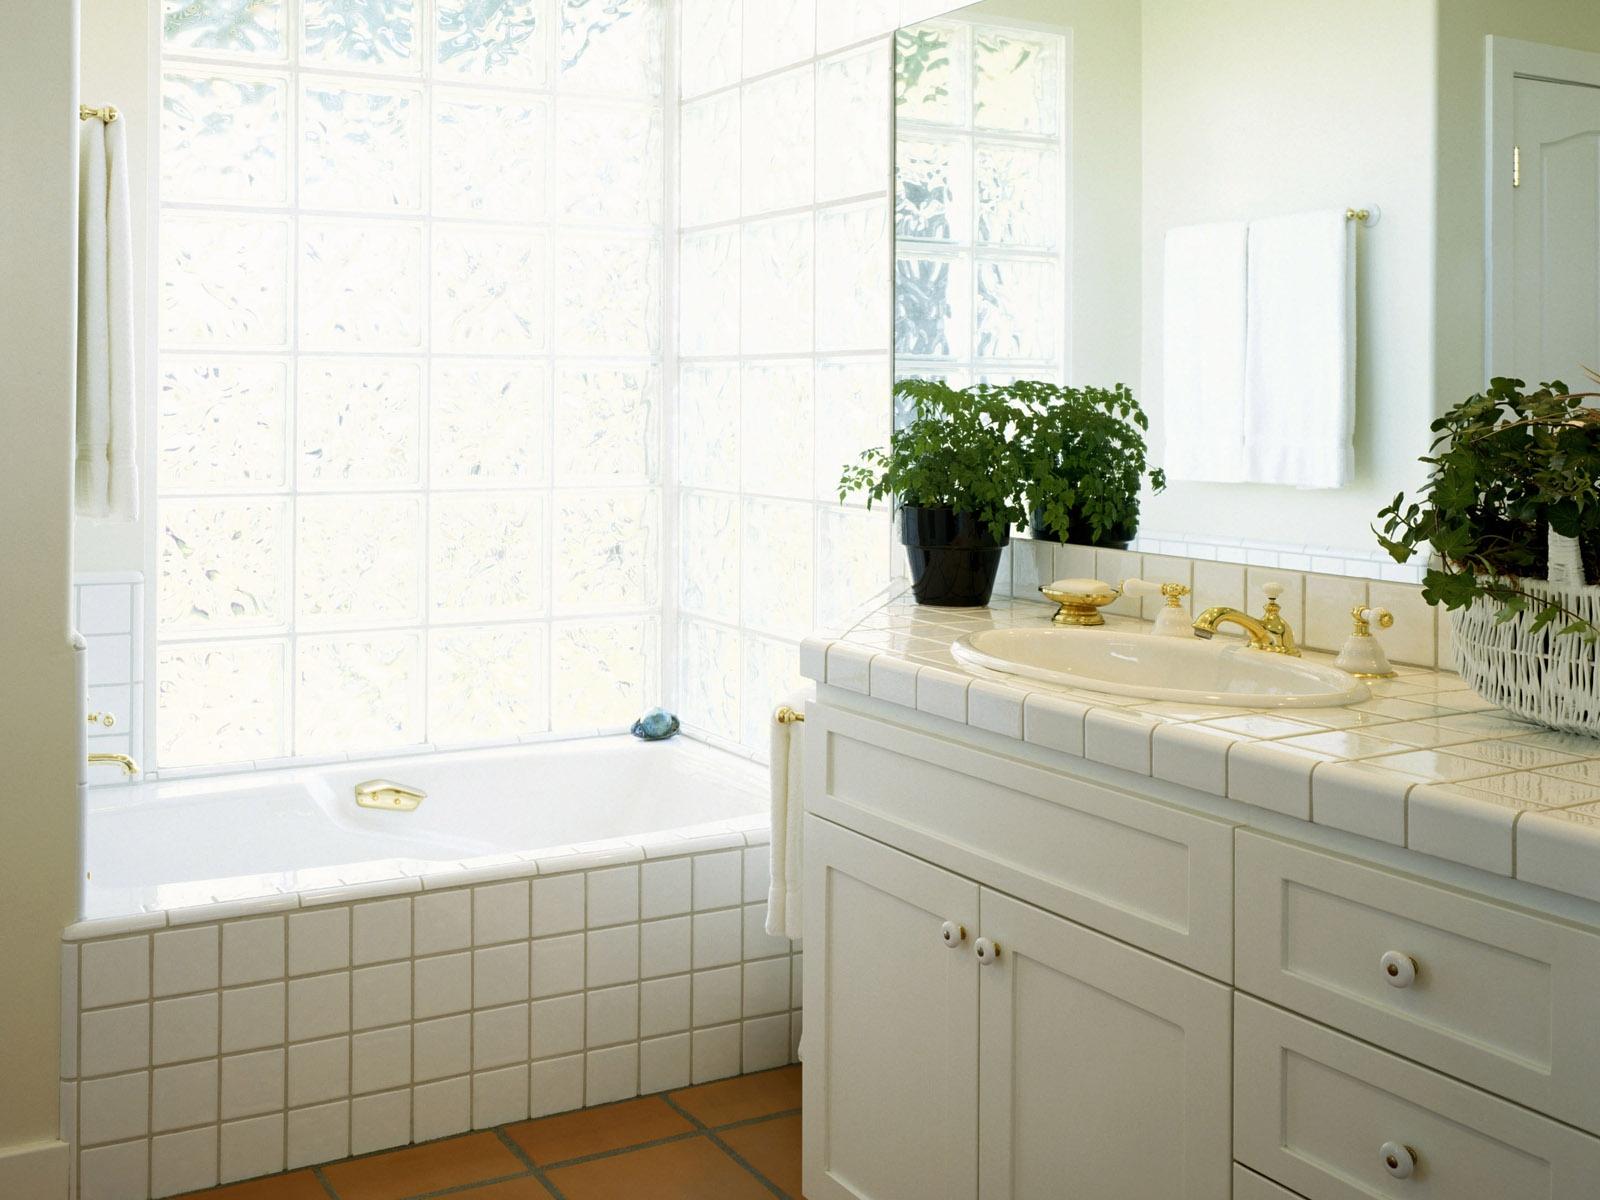 Sfondi : fiori camera vasca da bagno piastrelle interior design